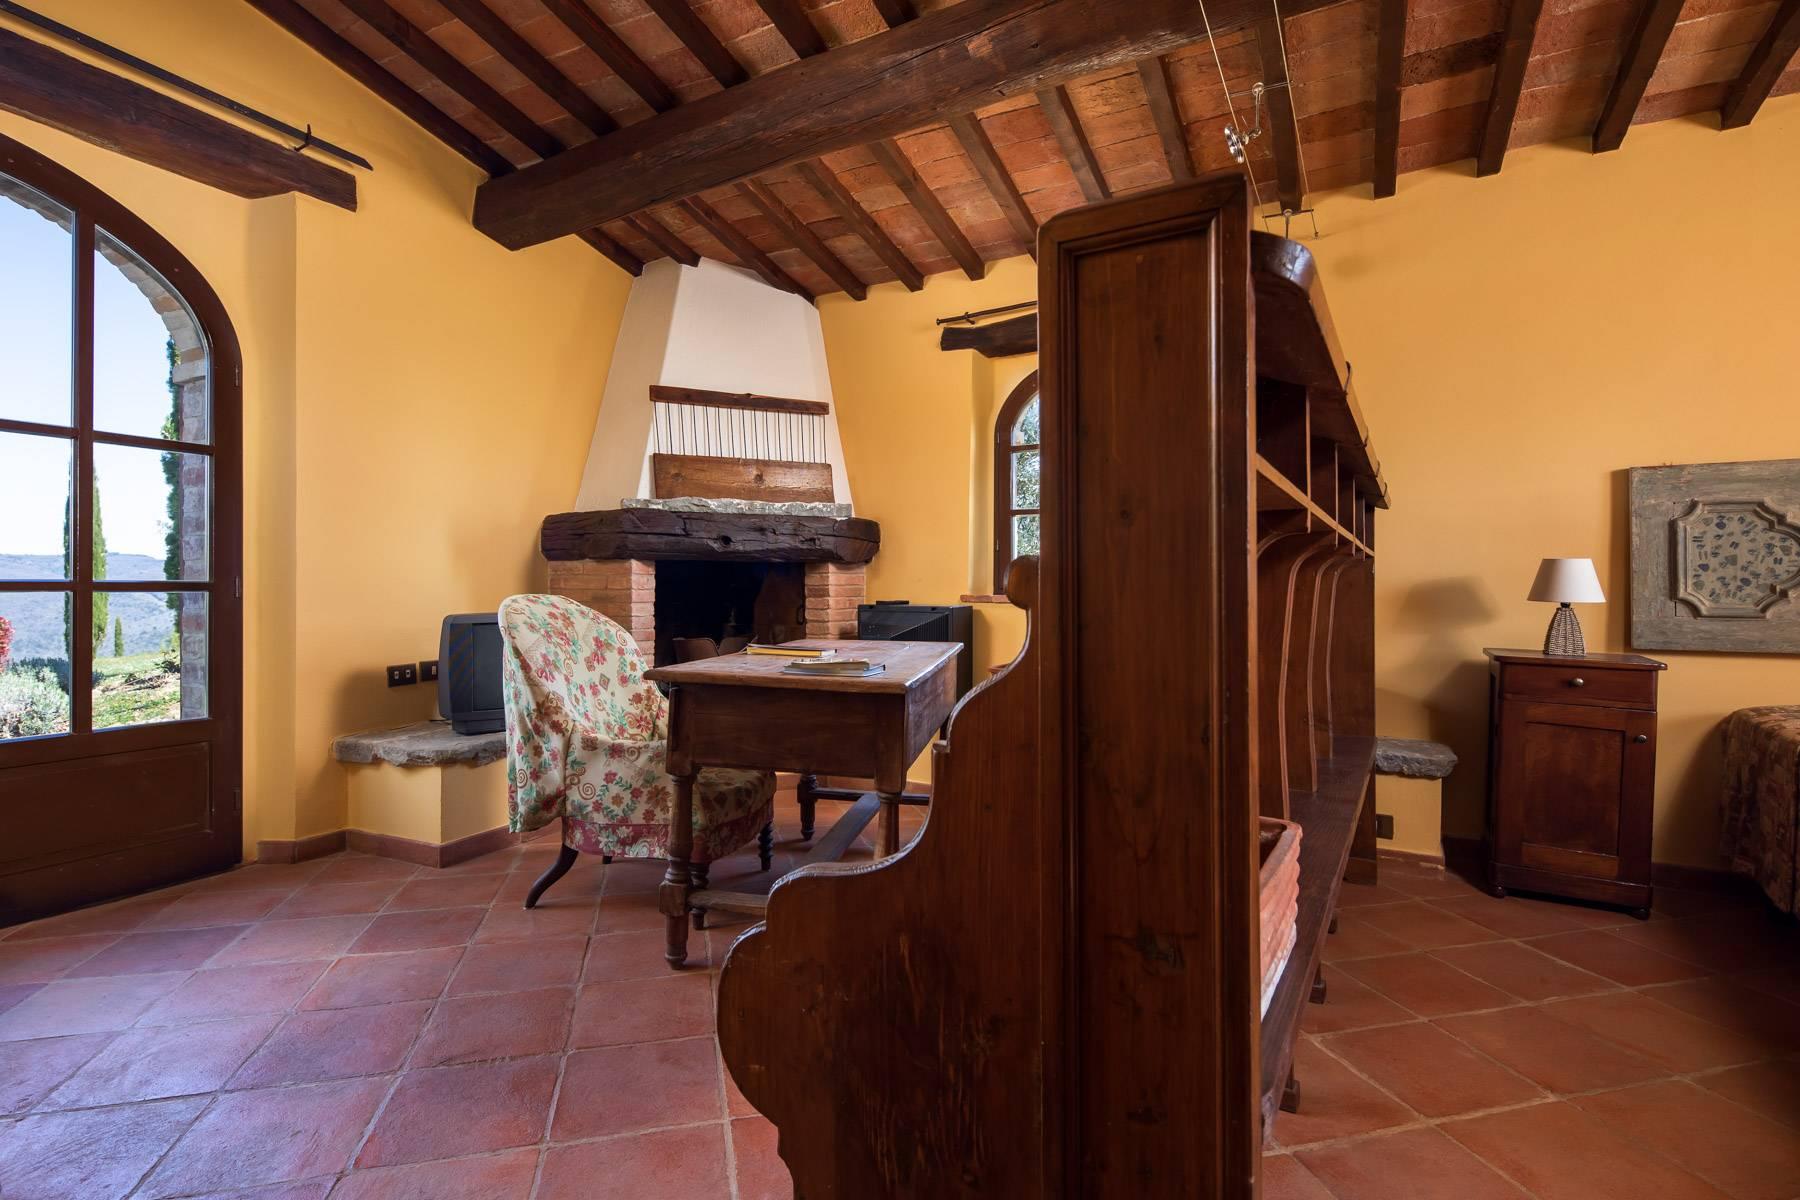 Rustico in Vendita a Monte San Savino: 5 locali, 307 mq - Foto 11